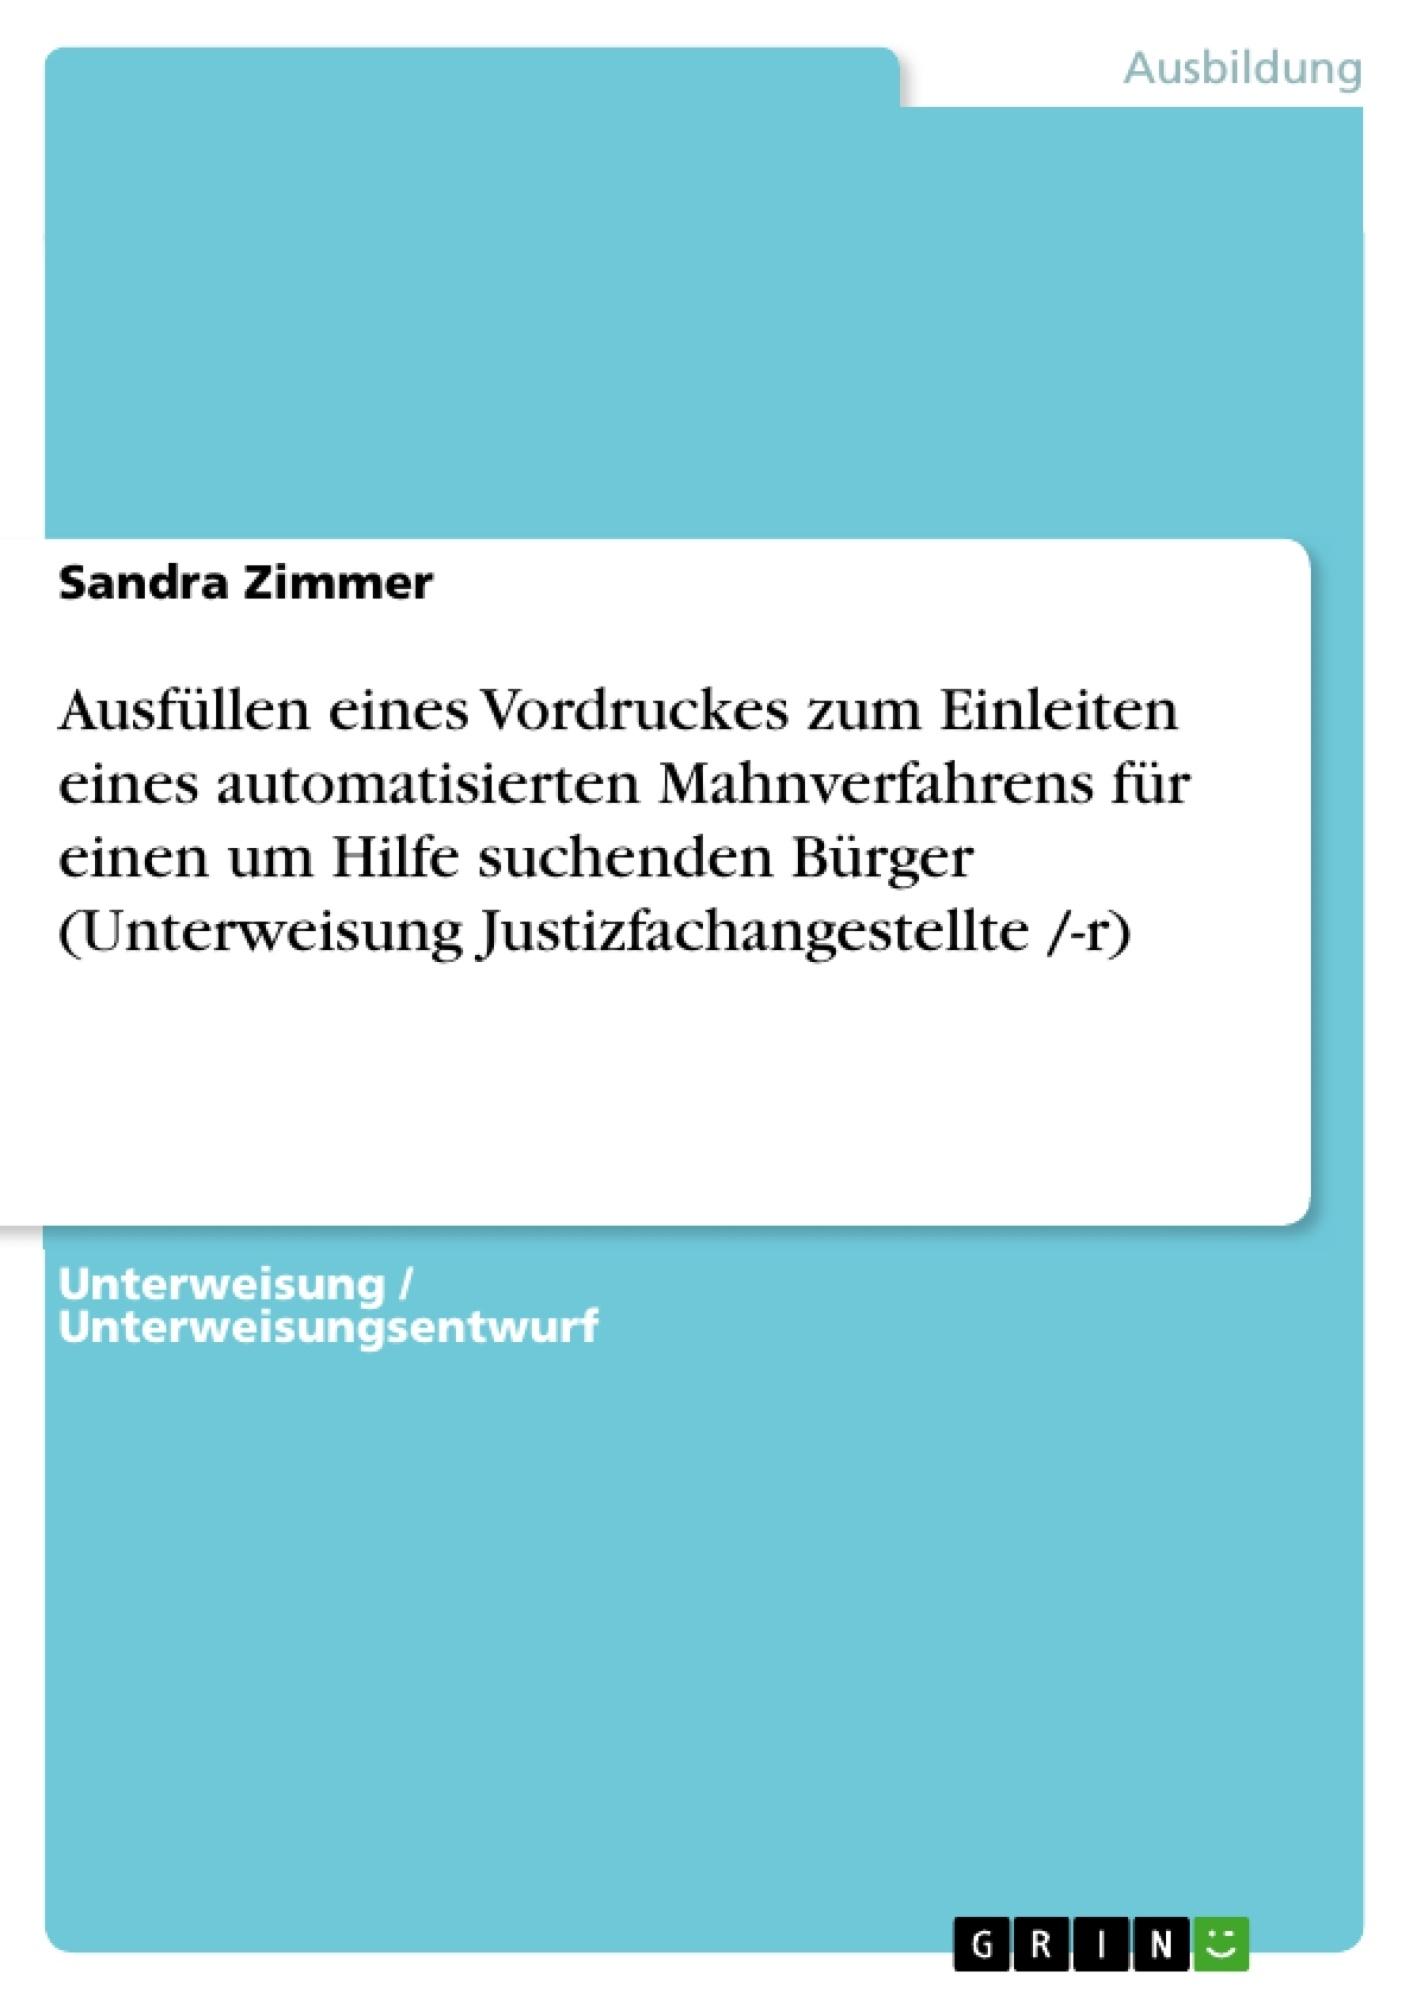 Titel: Ausfüllen eines Vordruckes zum Einleiten eines automatisierten Mahnverfahrens für einen um Hilfe suchenden Bürger (Unterweisung Justizfachangestellte /-r)